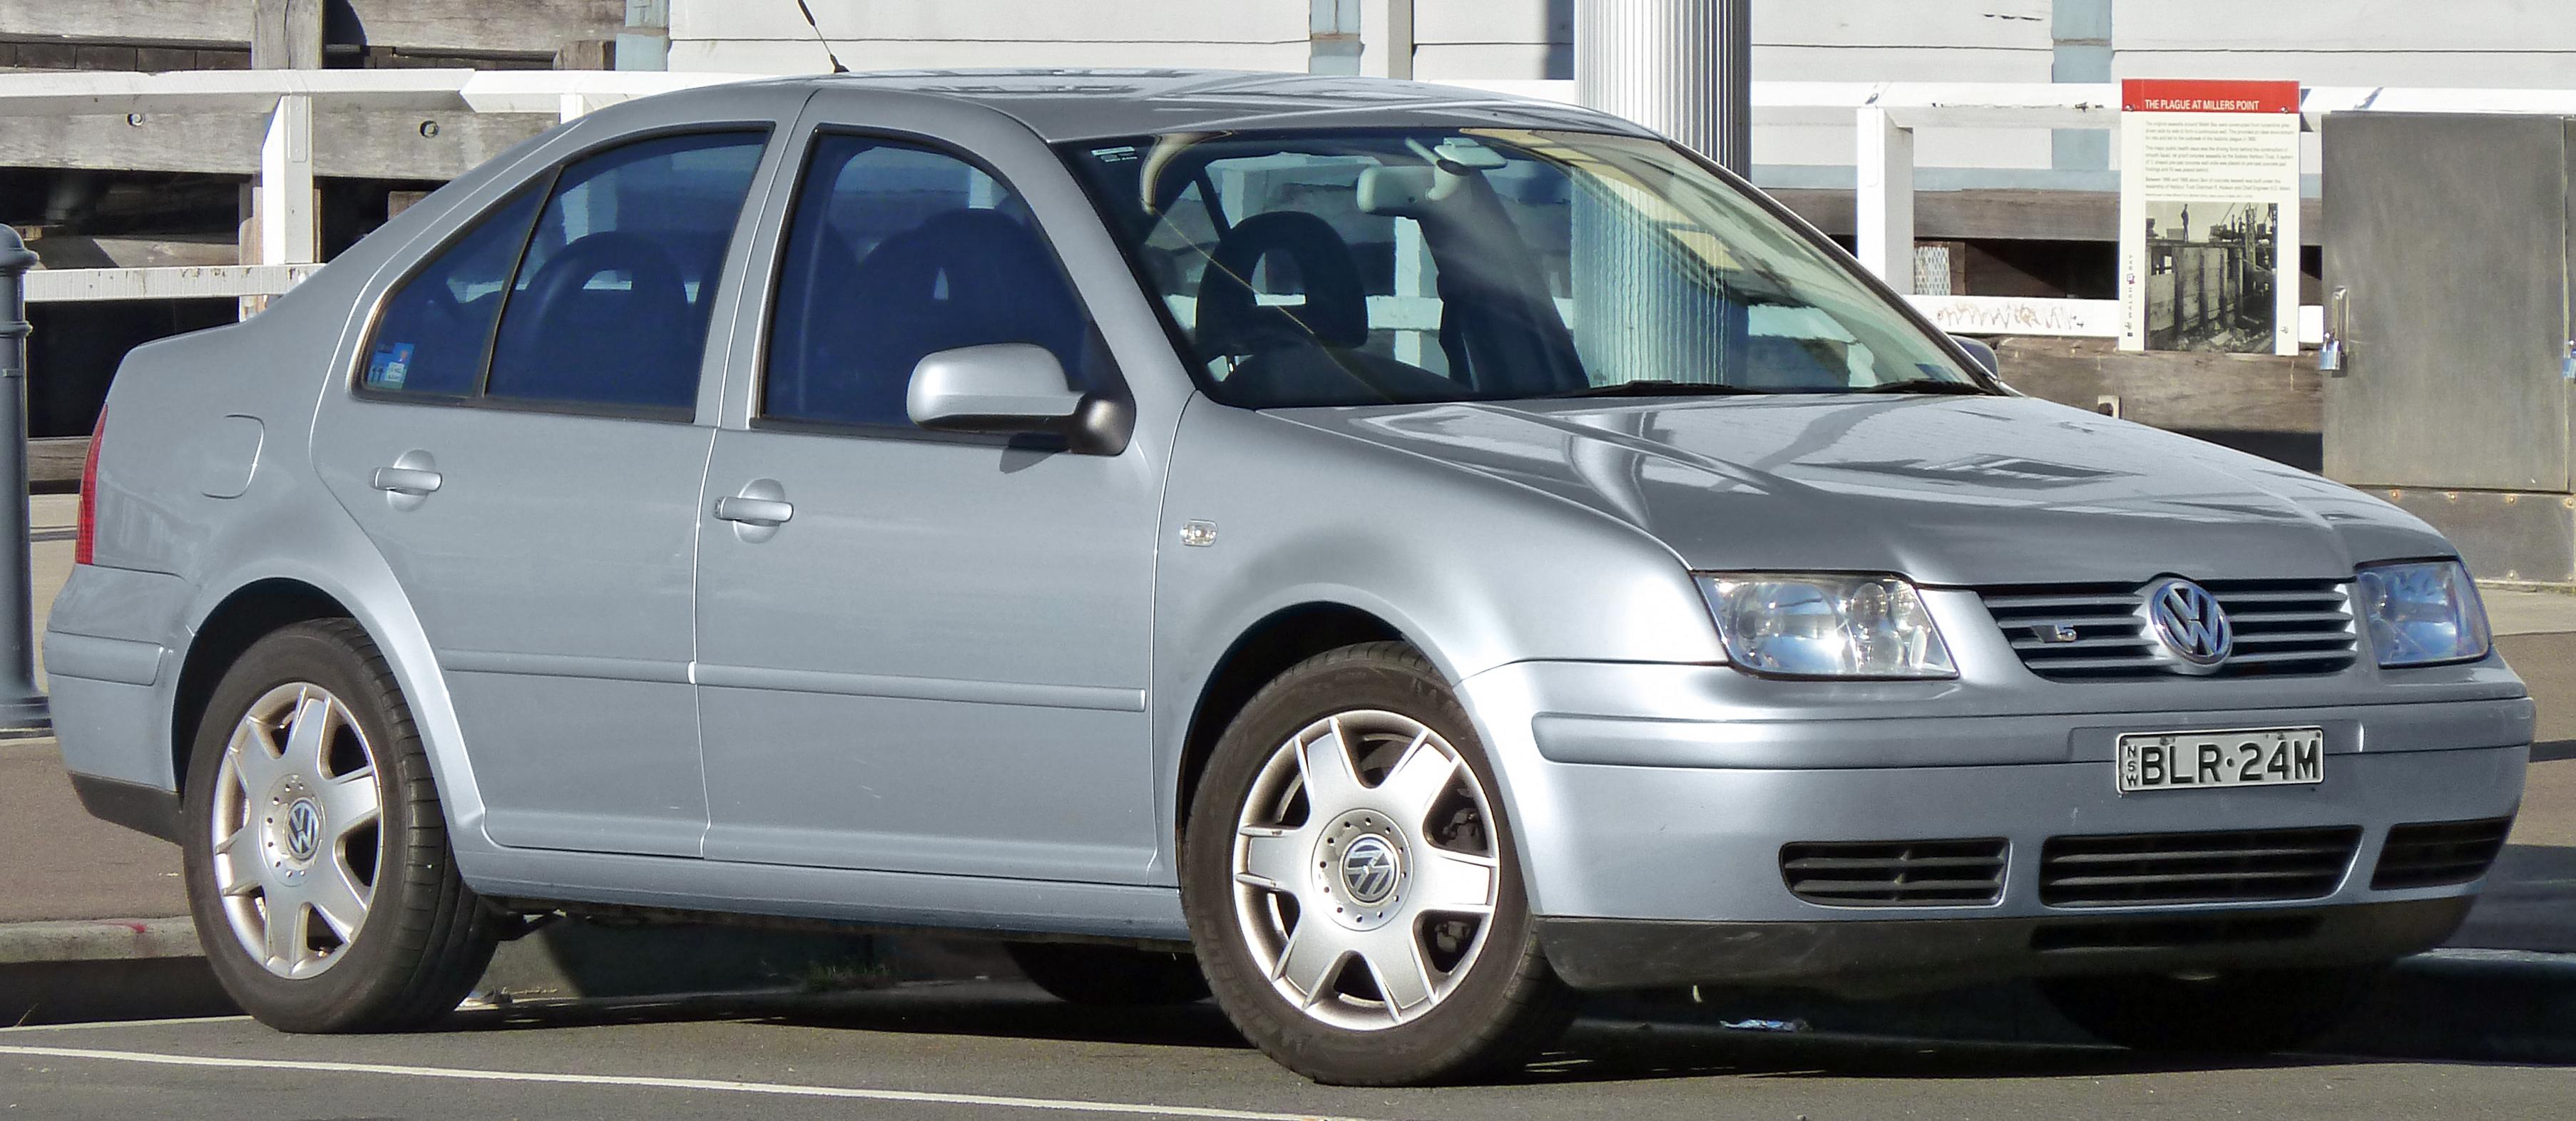 File 1999 2004 Volkswagen Bora 1j V5 Sedan 2011 03 23